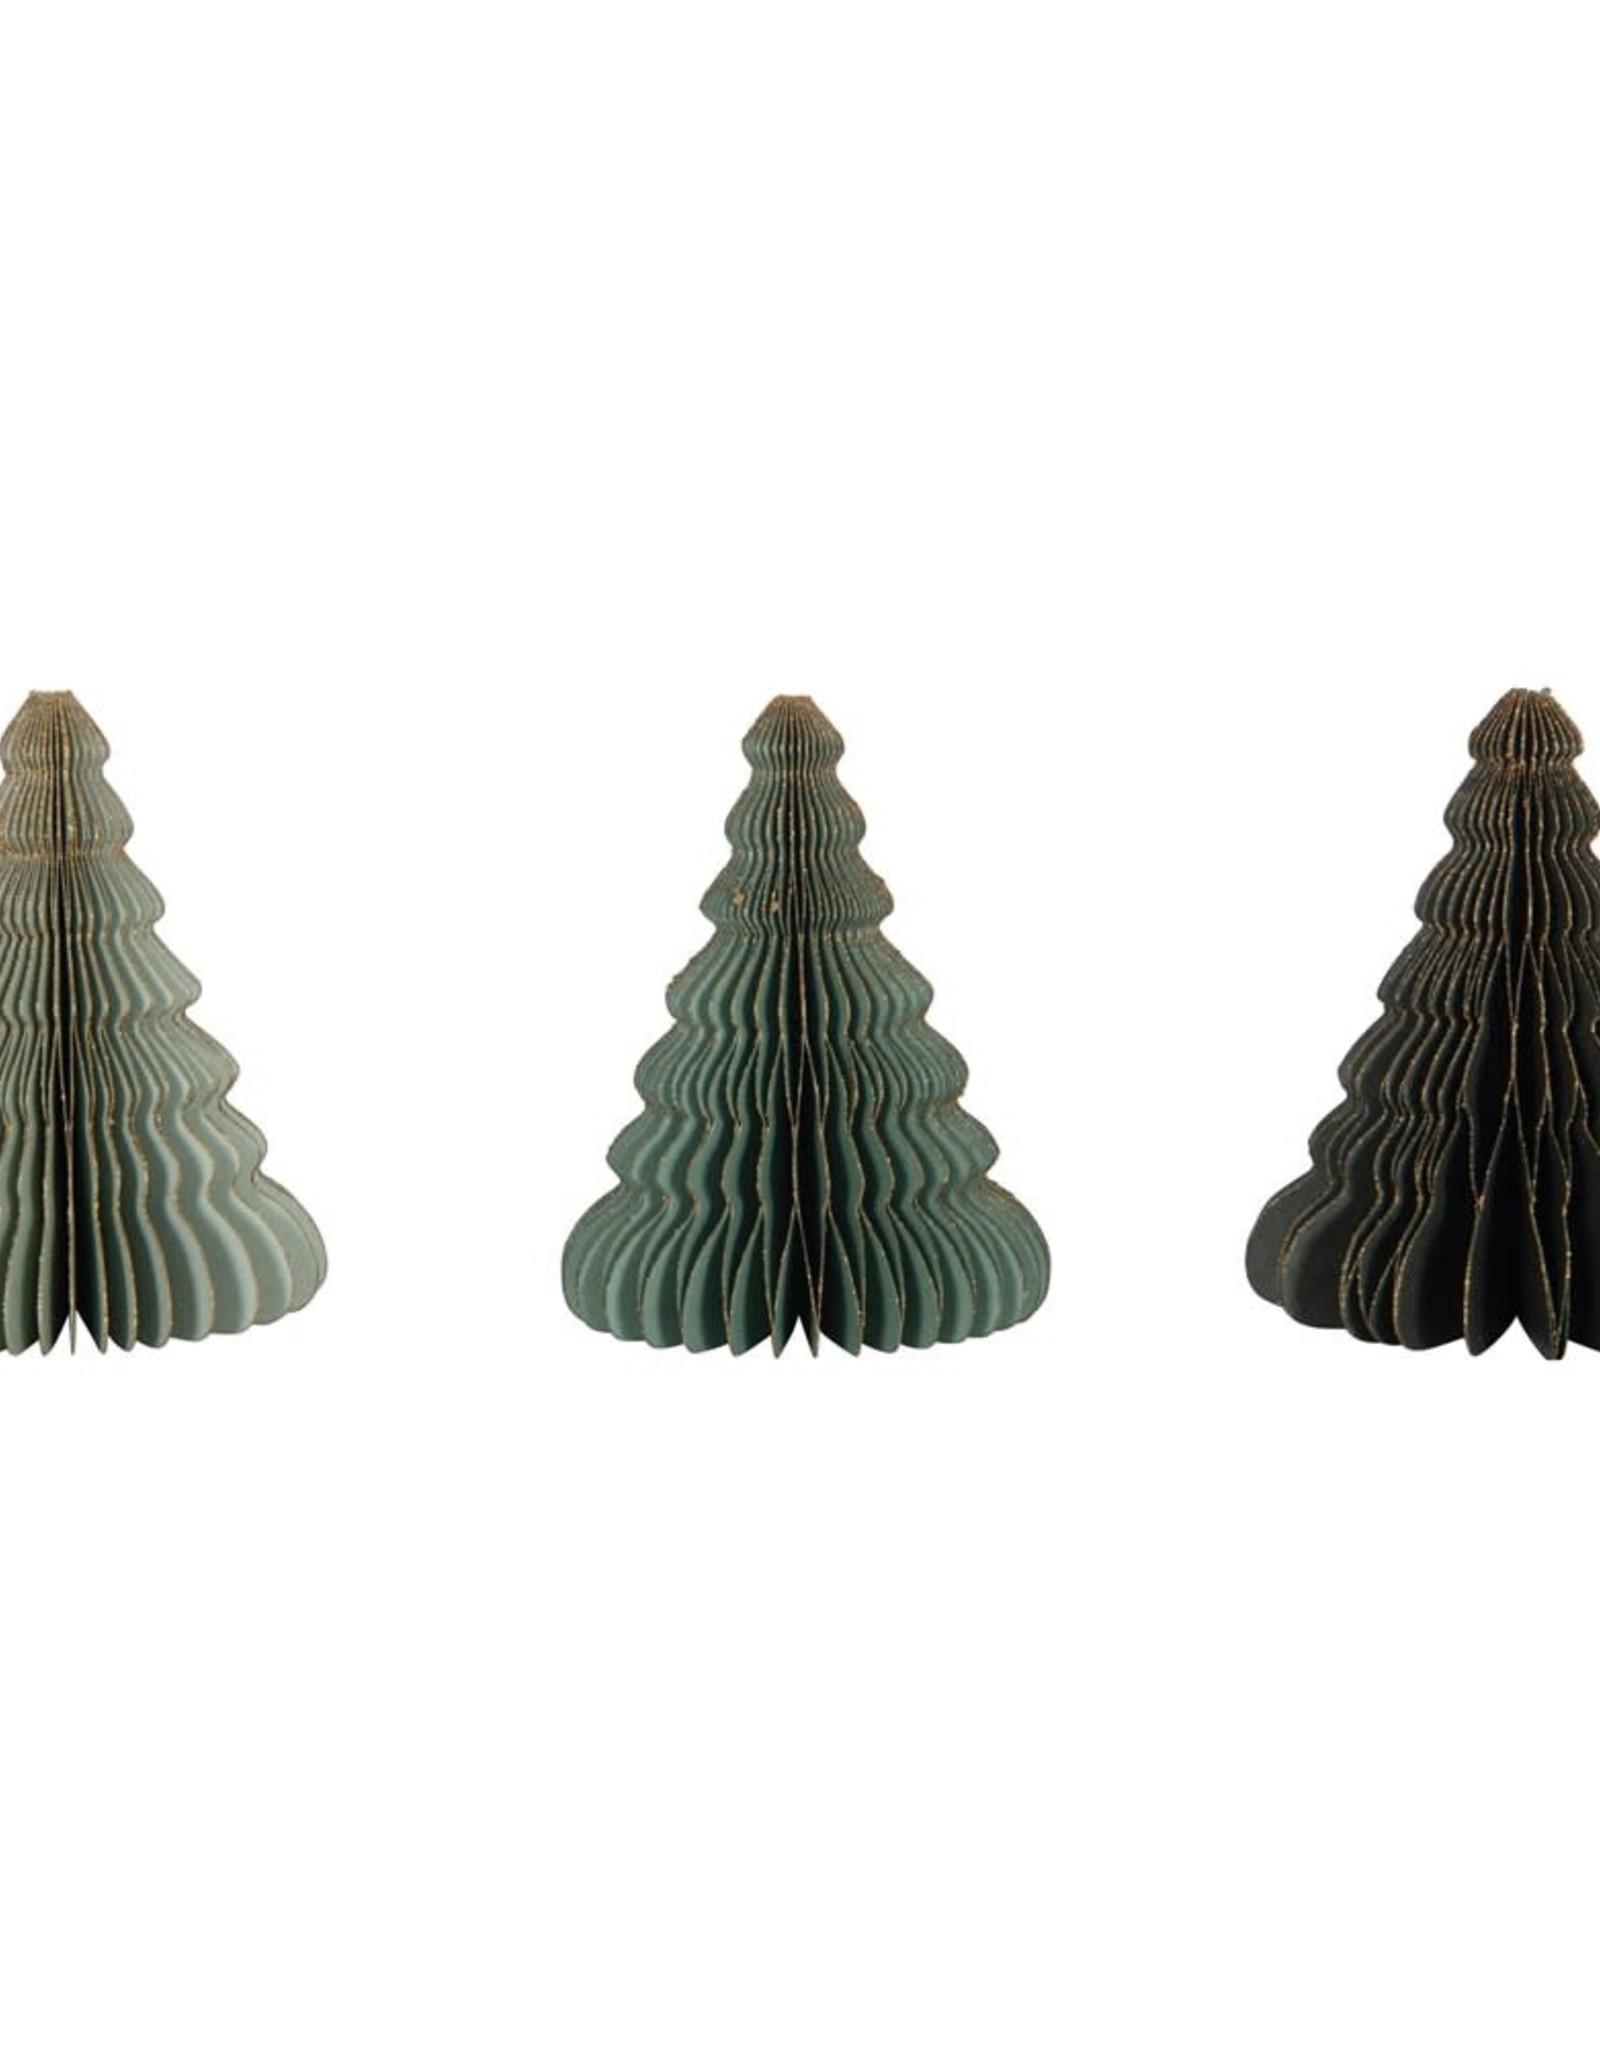 Wink Honeycomb Paper Tree w/Glitter